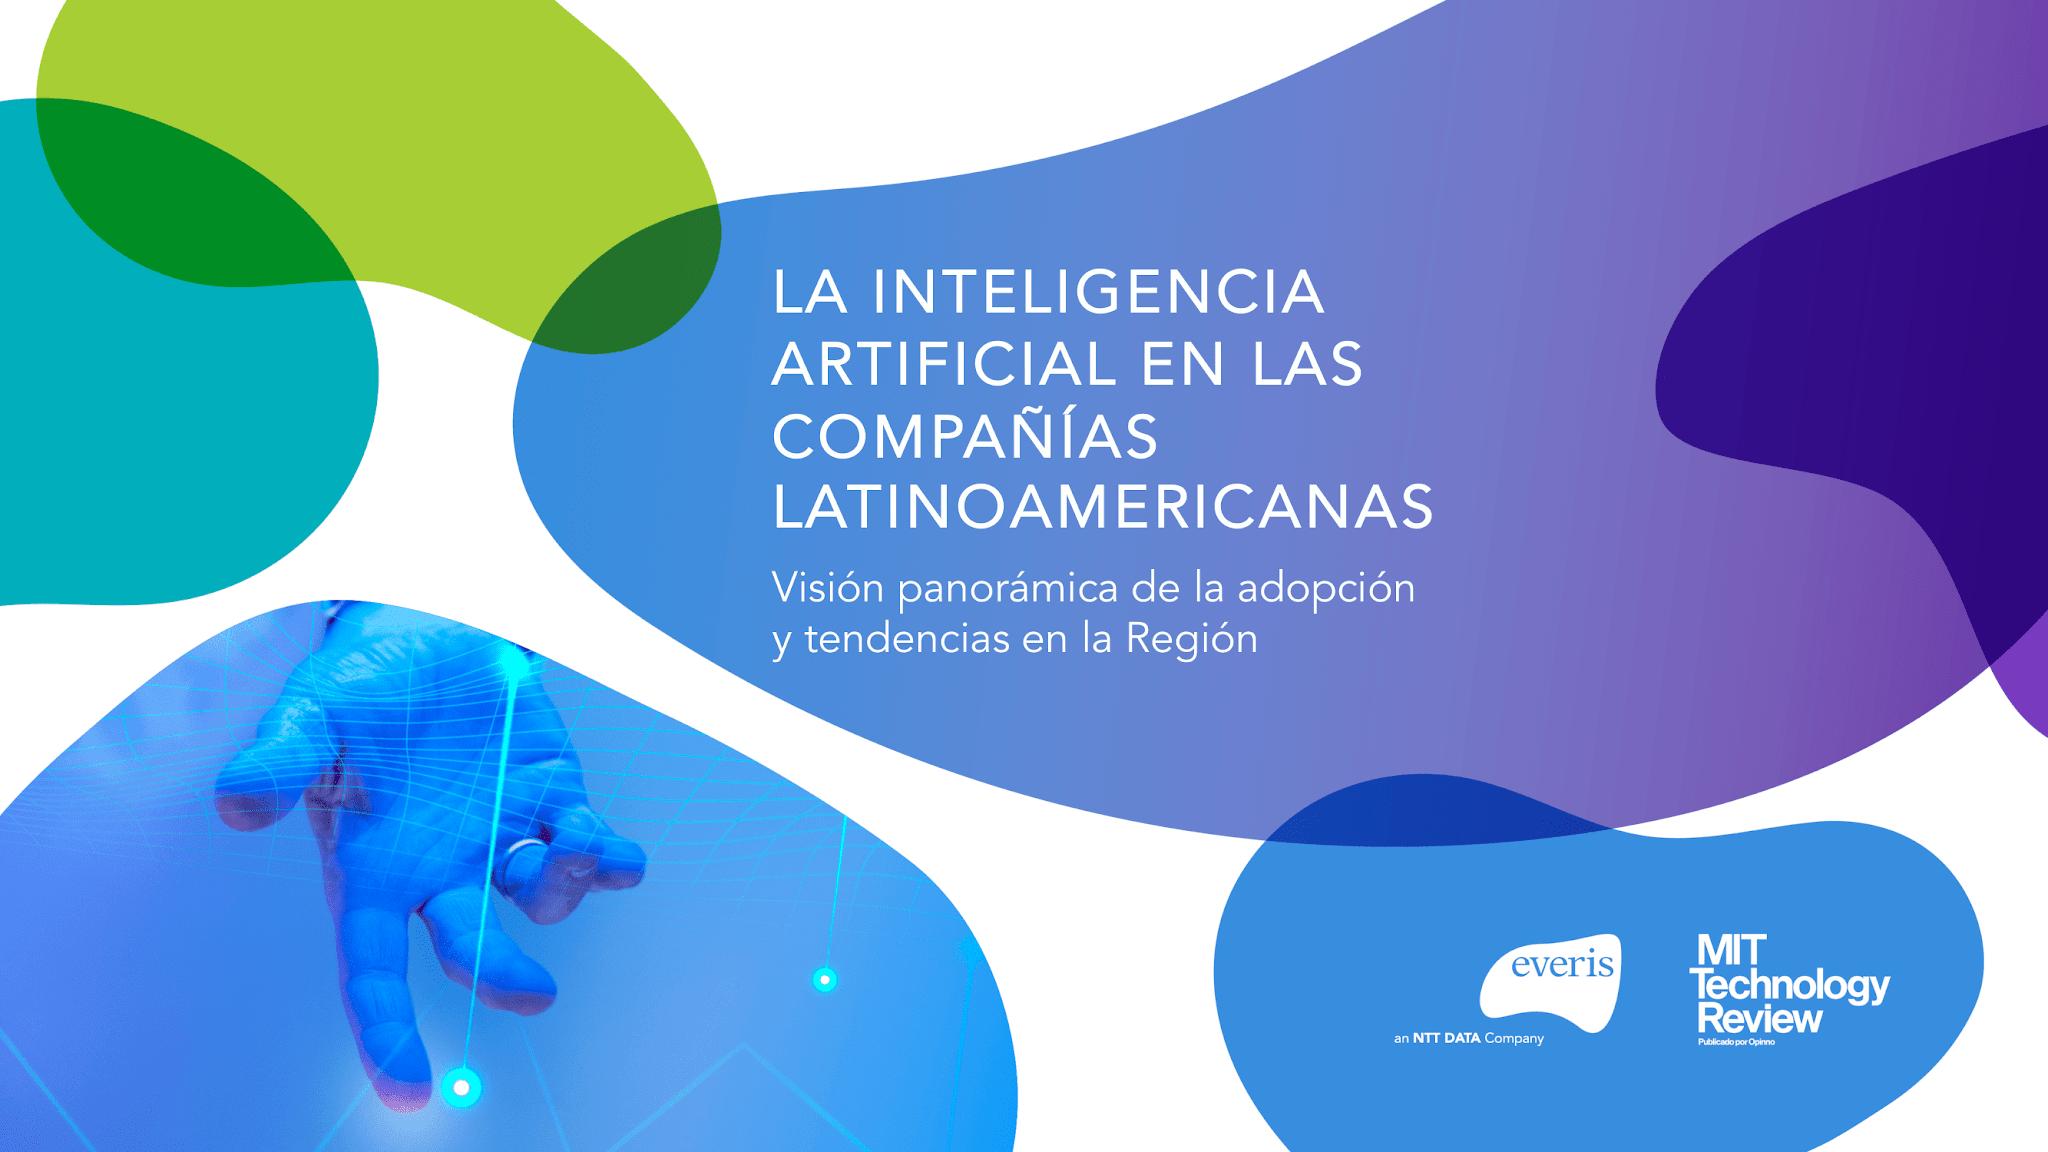 Más del 58% de las principales organizaciones de América Latina, cree que la Inteligencia Artificial podría revolucionar su empresa